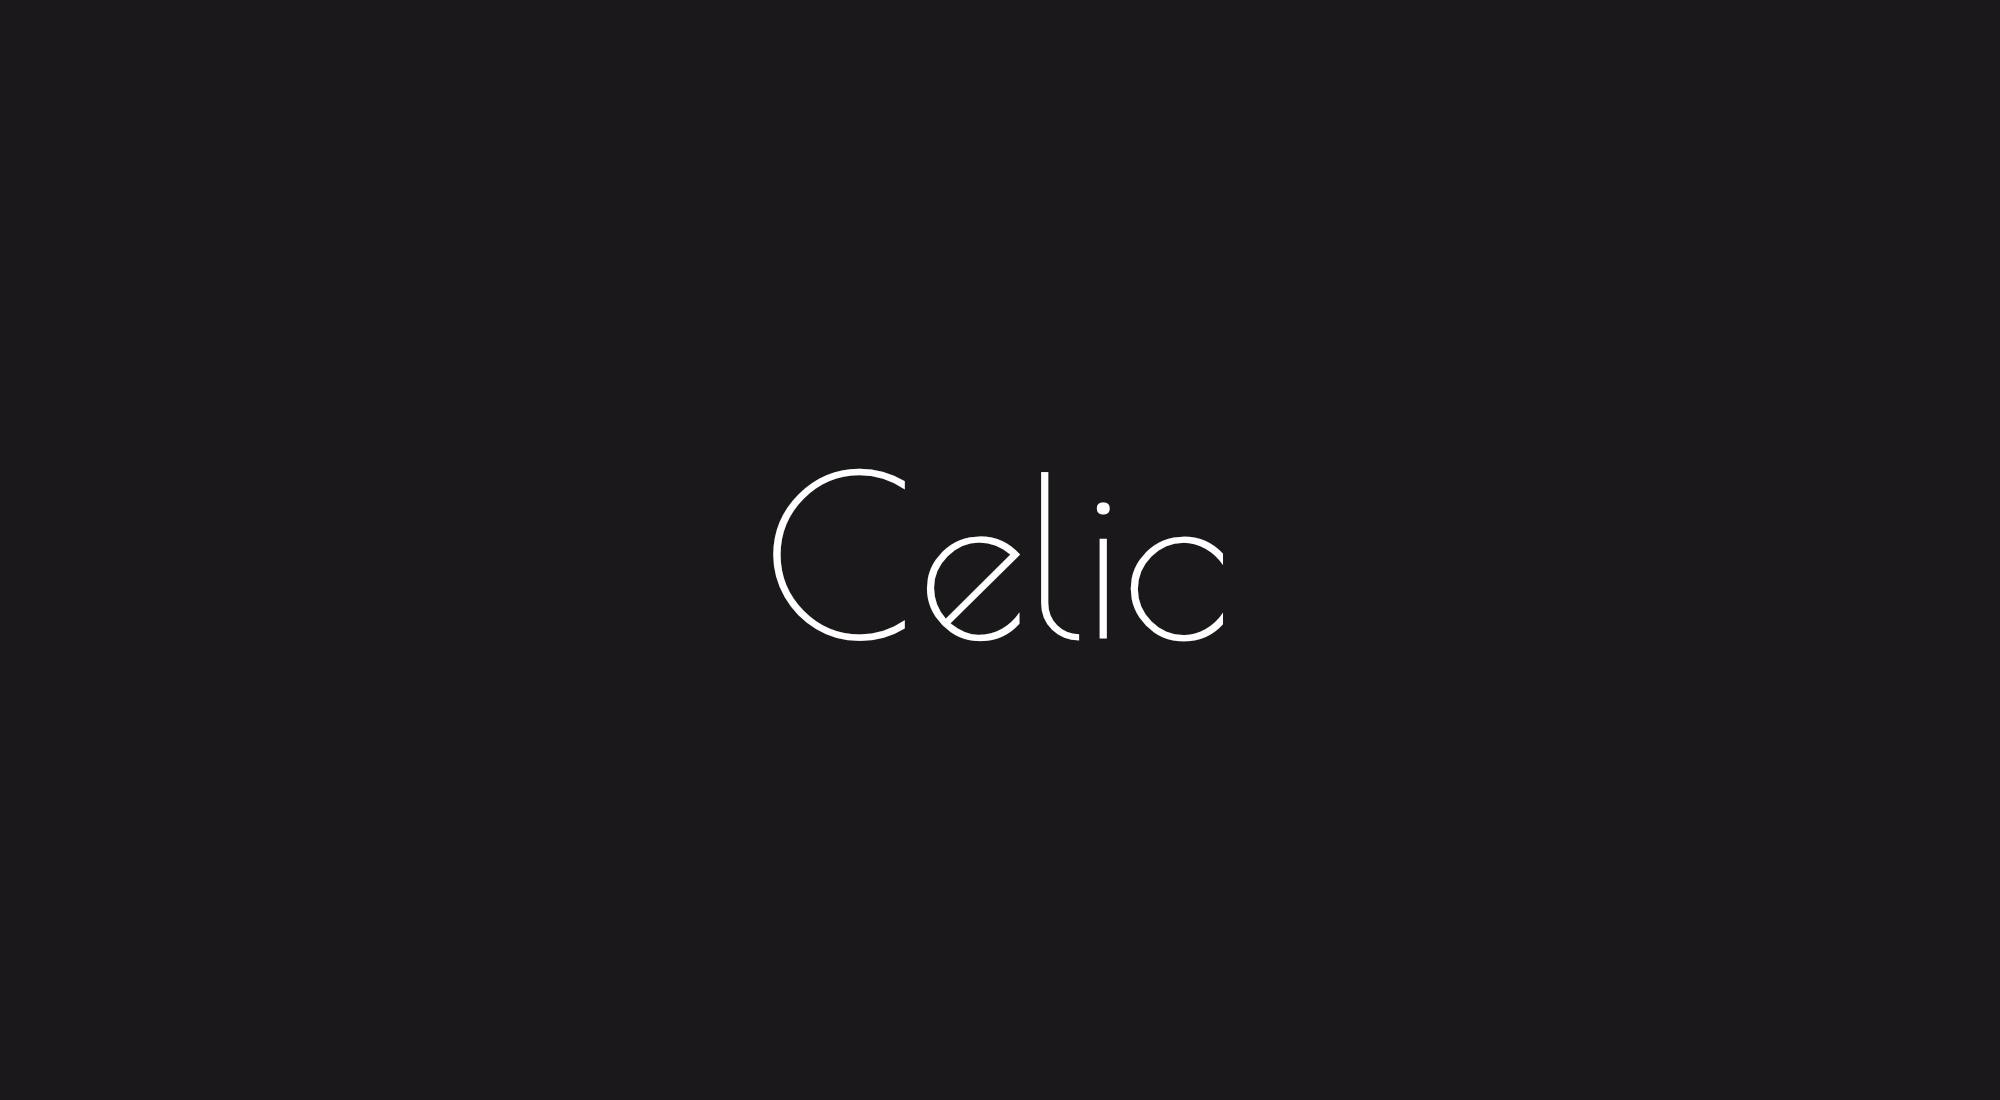 Celic